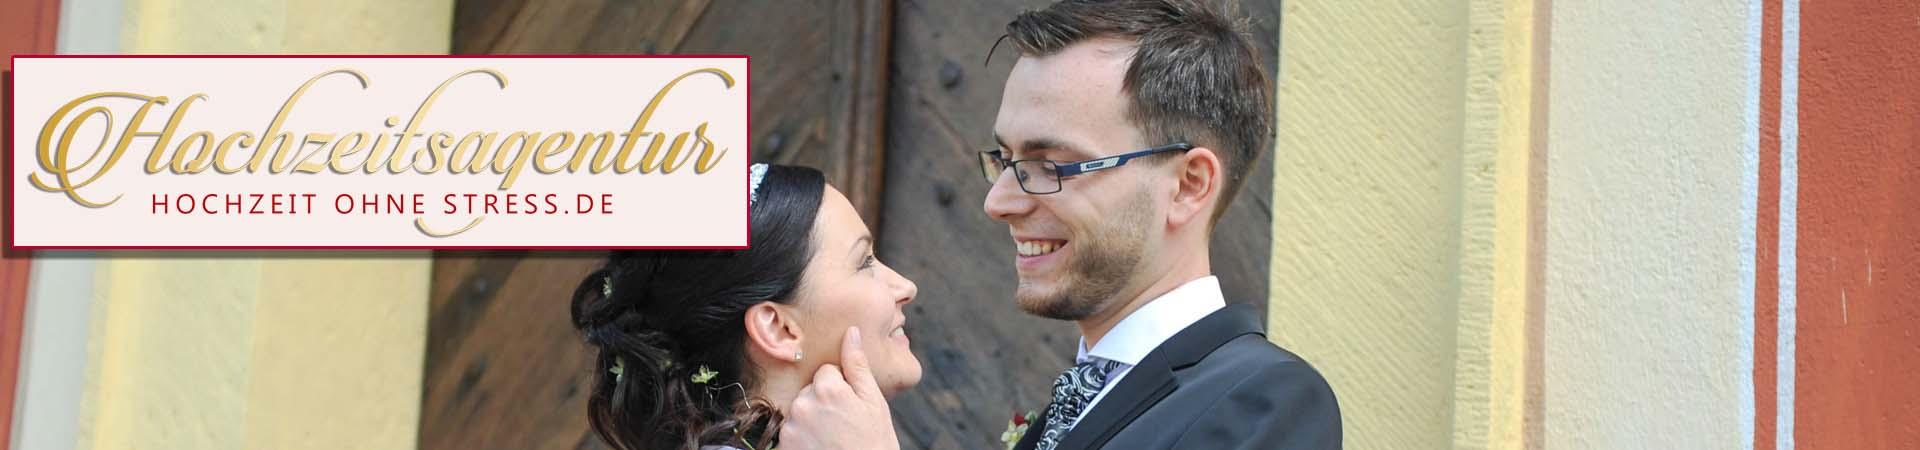 Hochzeitsplaner-Dresden-Hochzeitsagentur-HochzeitOhneStress-Bild12b